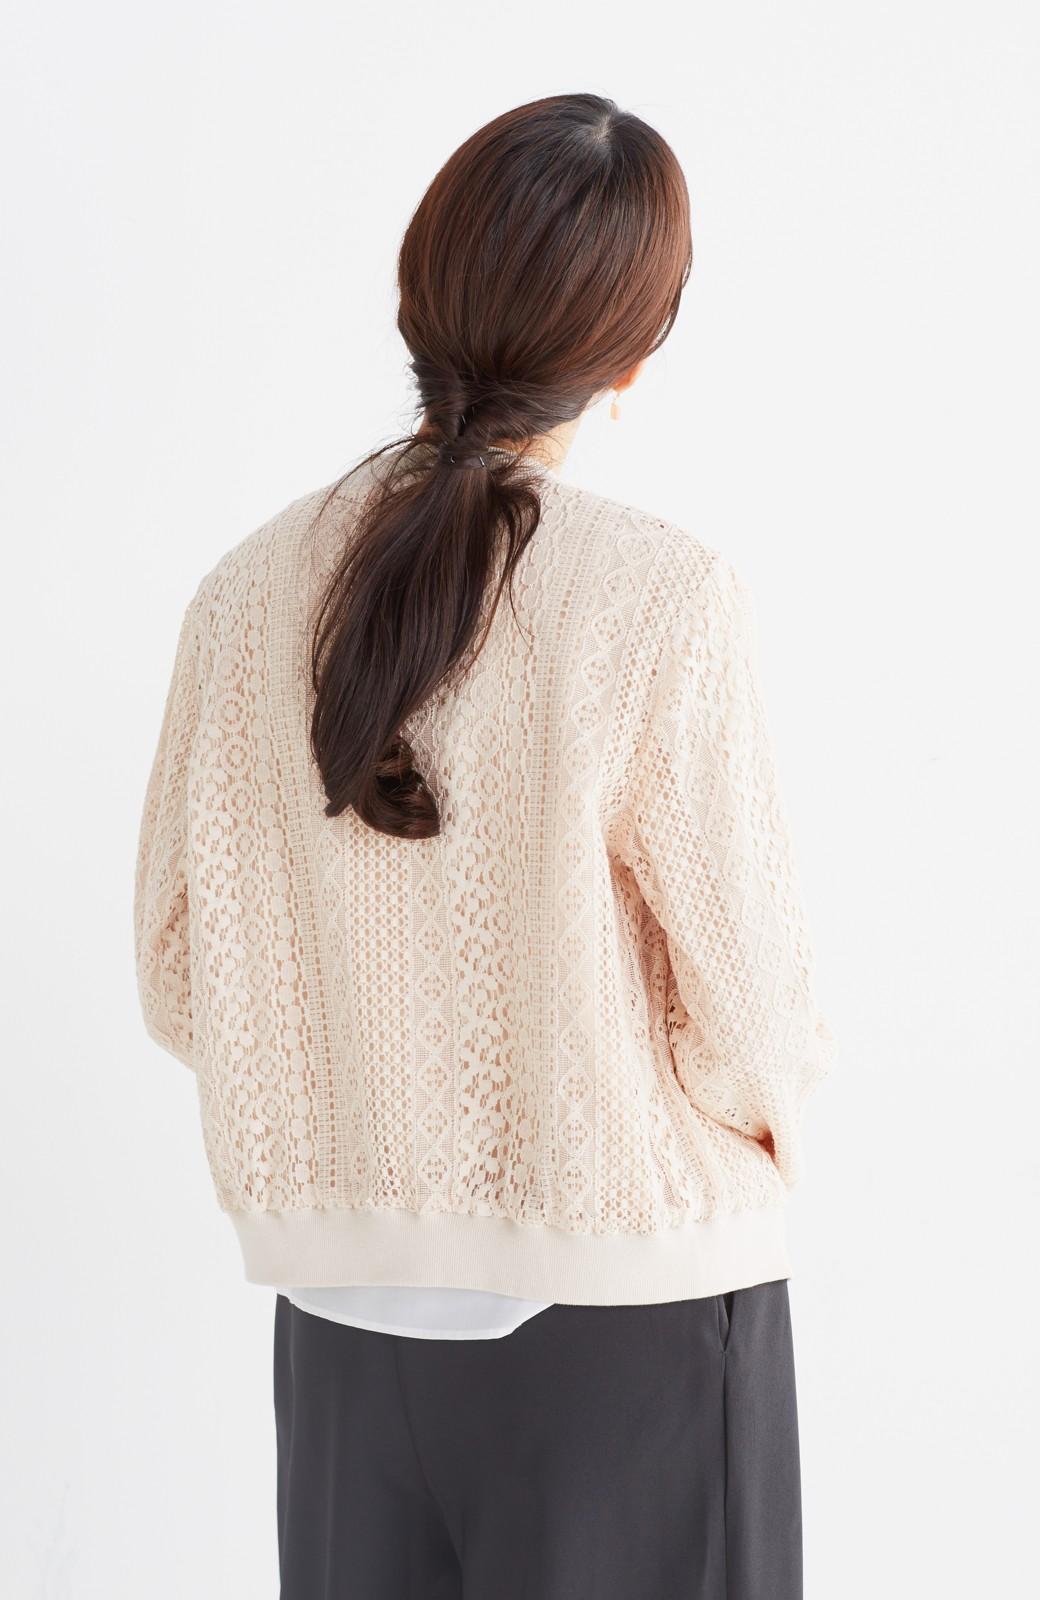 nusy 【mer6月号掲載】リバーシブルで着やすい 梅にうぐいす刺しゅうの華やかブルゾン <ピンクベージュ>の商品写真22